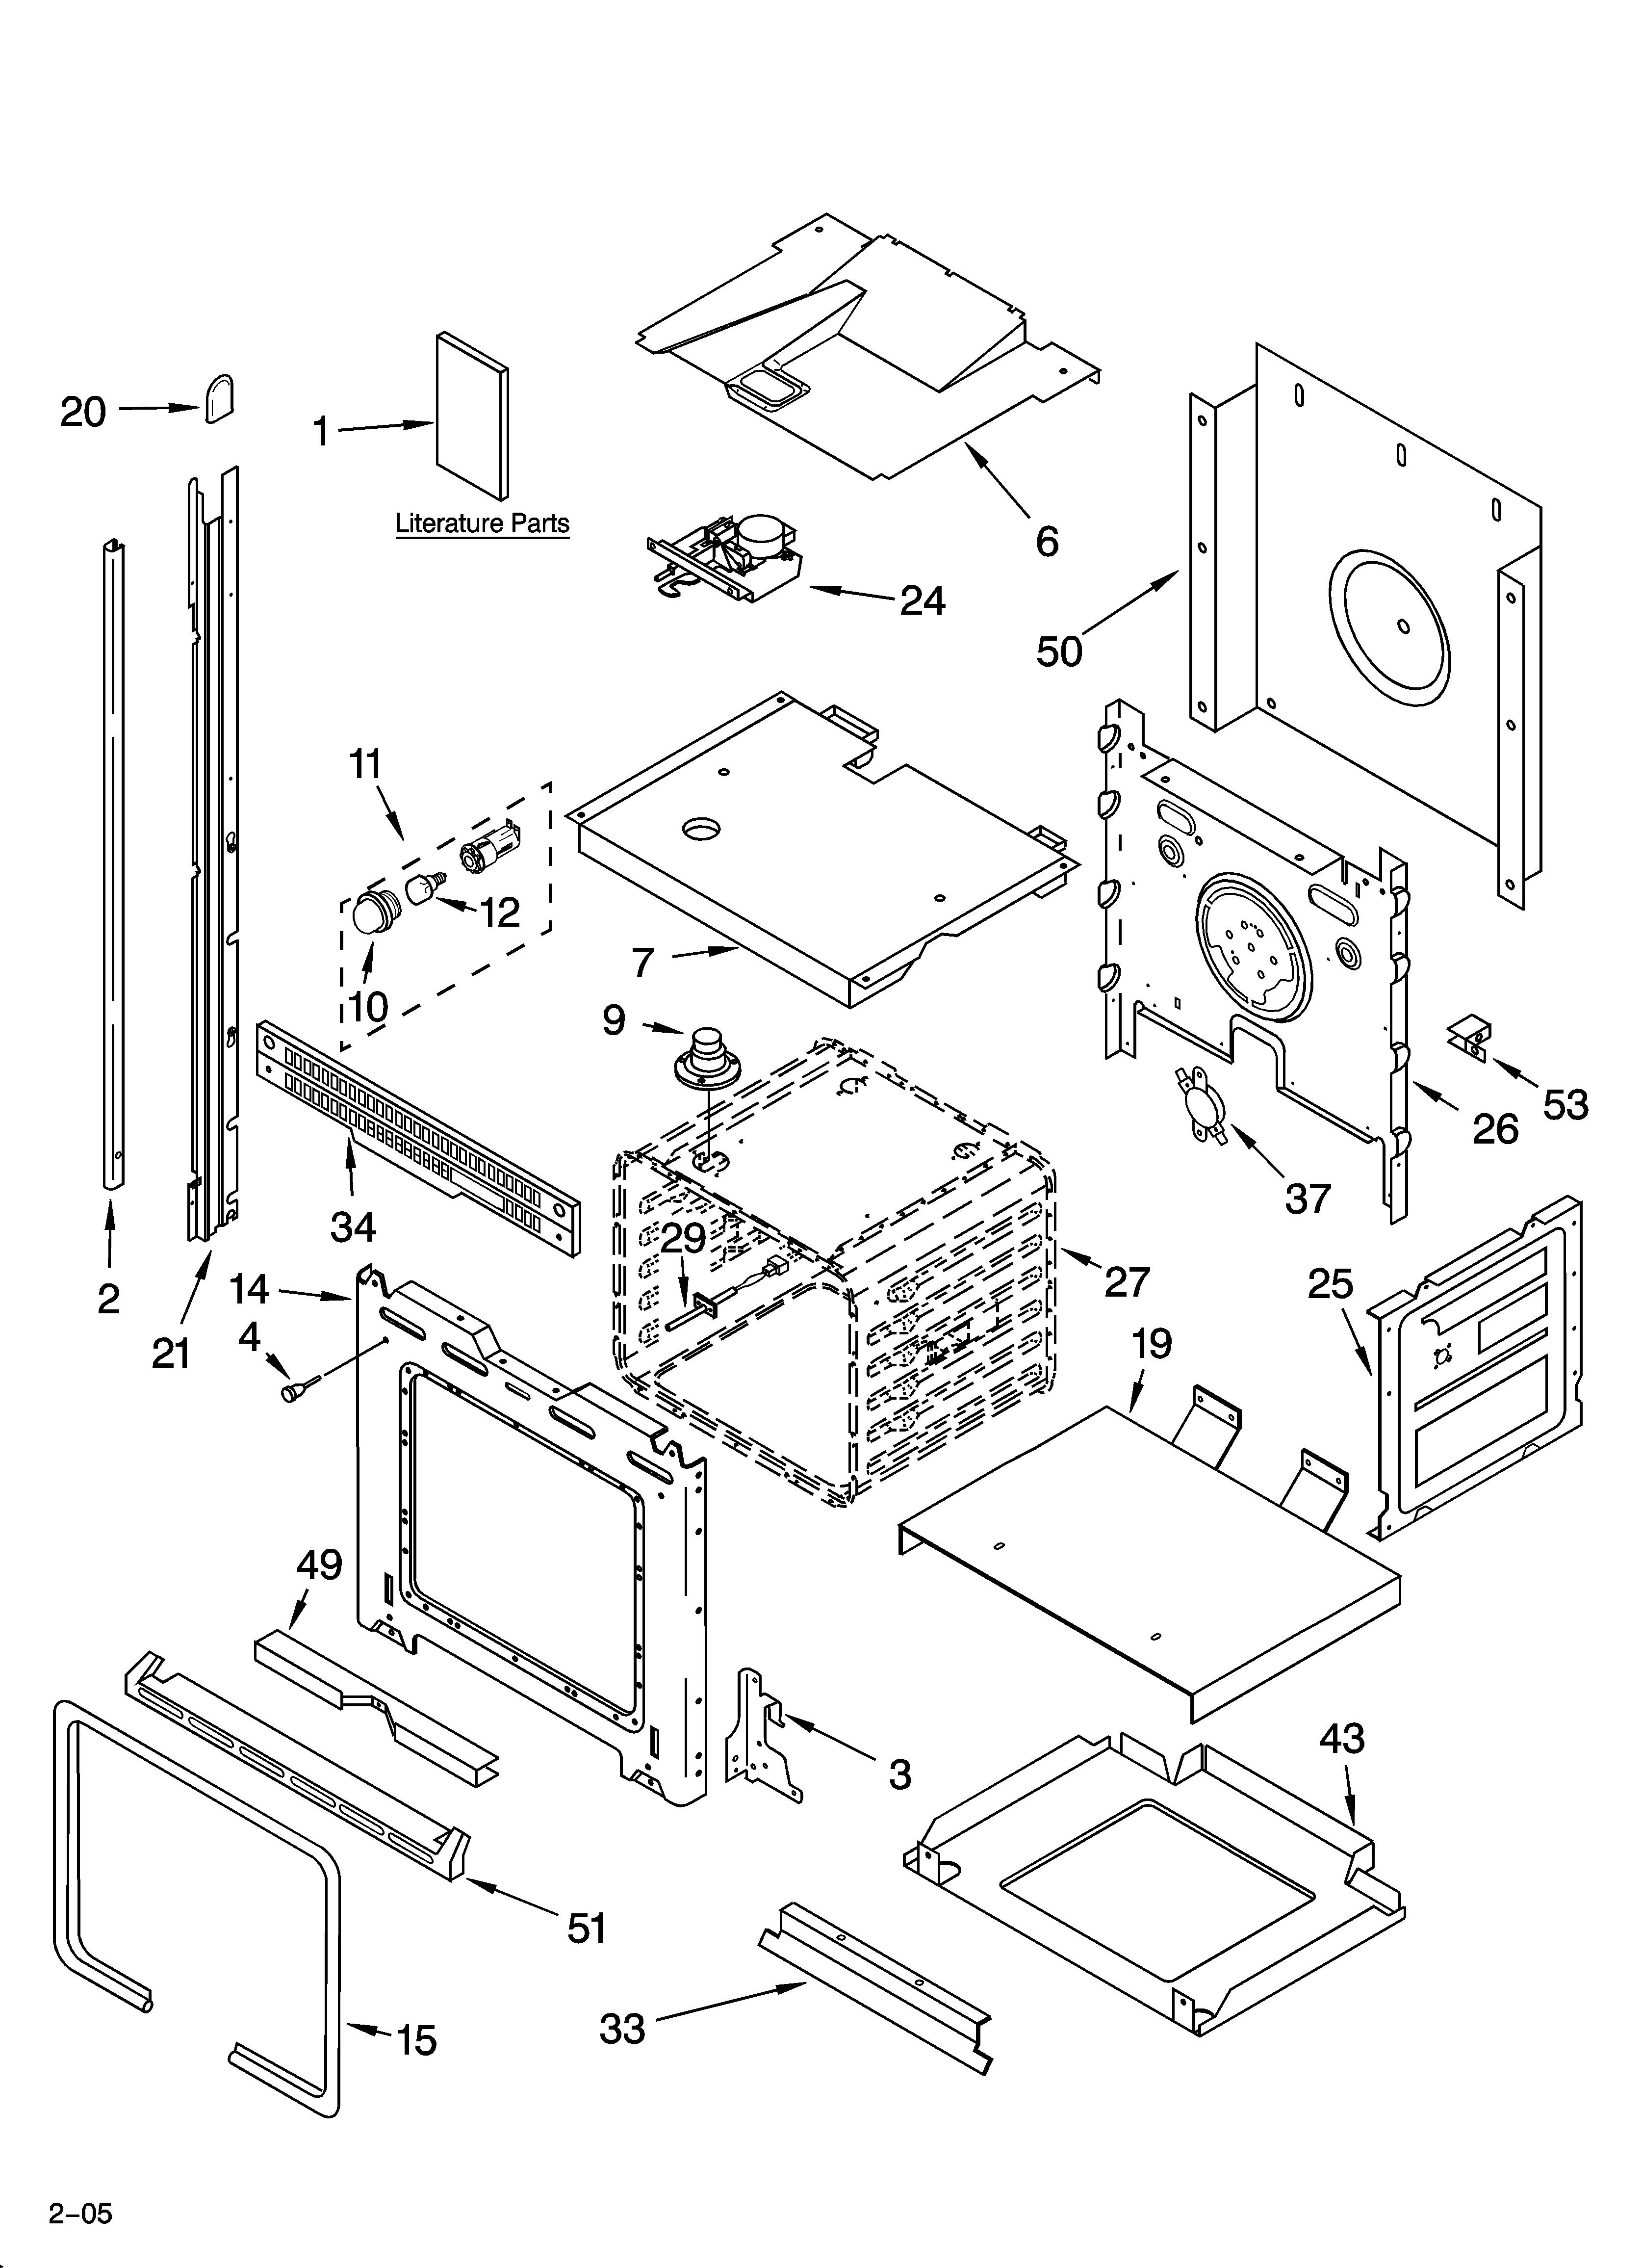 Frigidaire Freezer Model Lfuh21f7lm2 Wiring Diagram